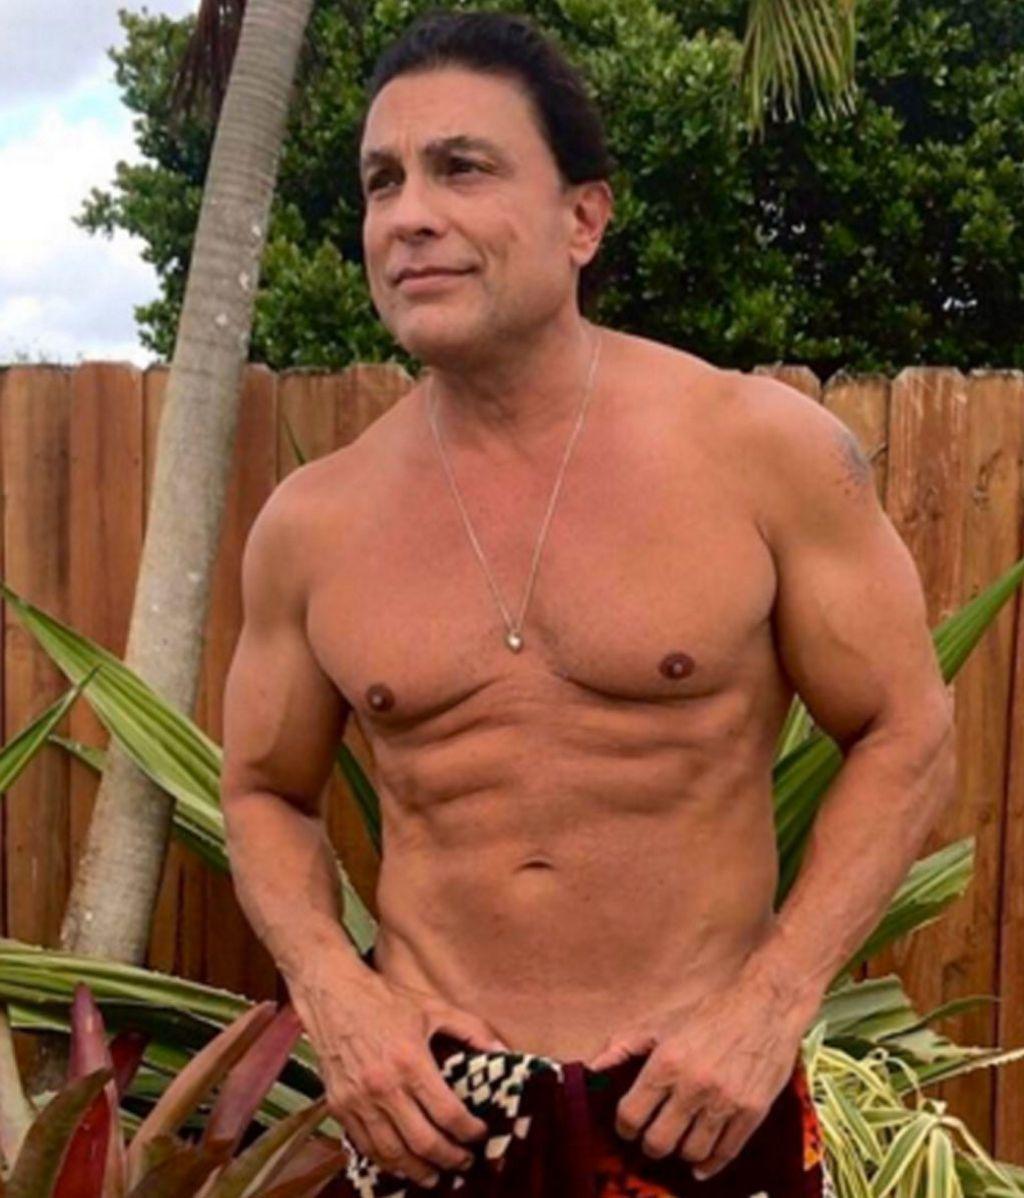 El actor de telenovelas que presume de cuerpo a los 56 años